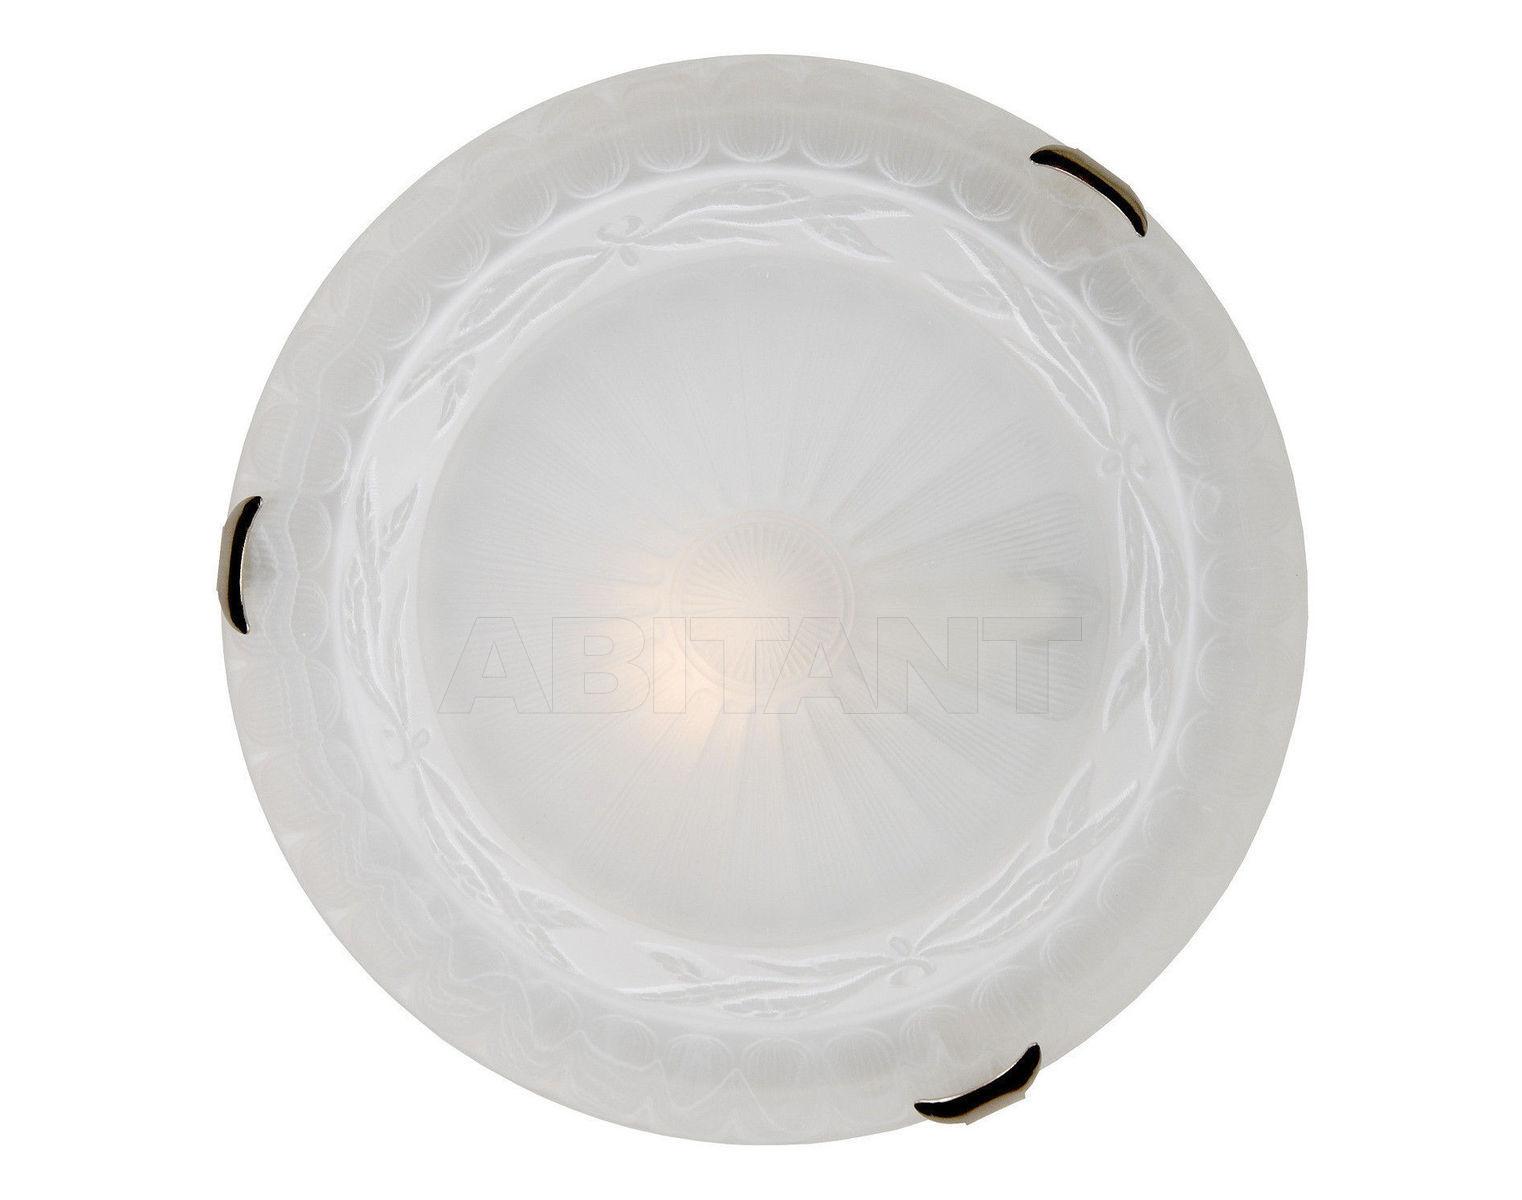 Купить Светильник CAPRI Lucide  Ceiling & Wall Lights 07116/30/67